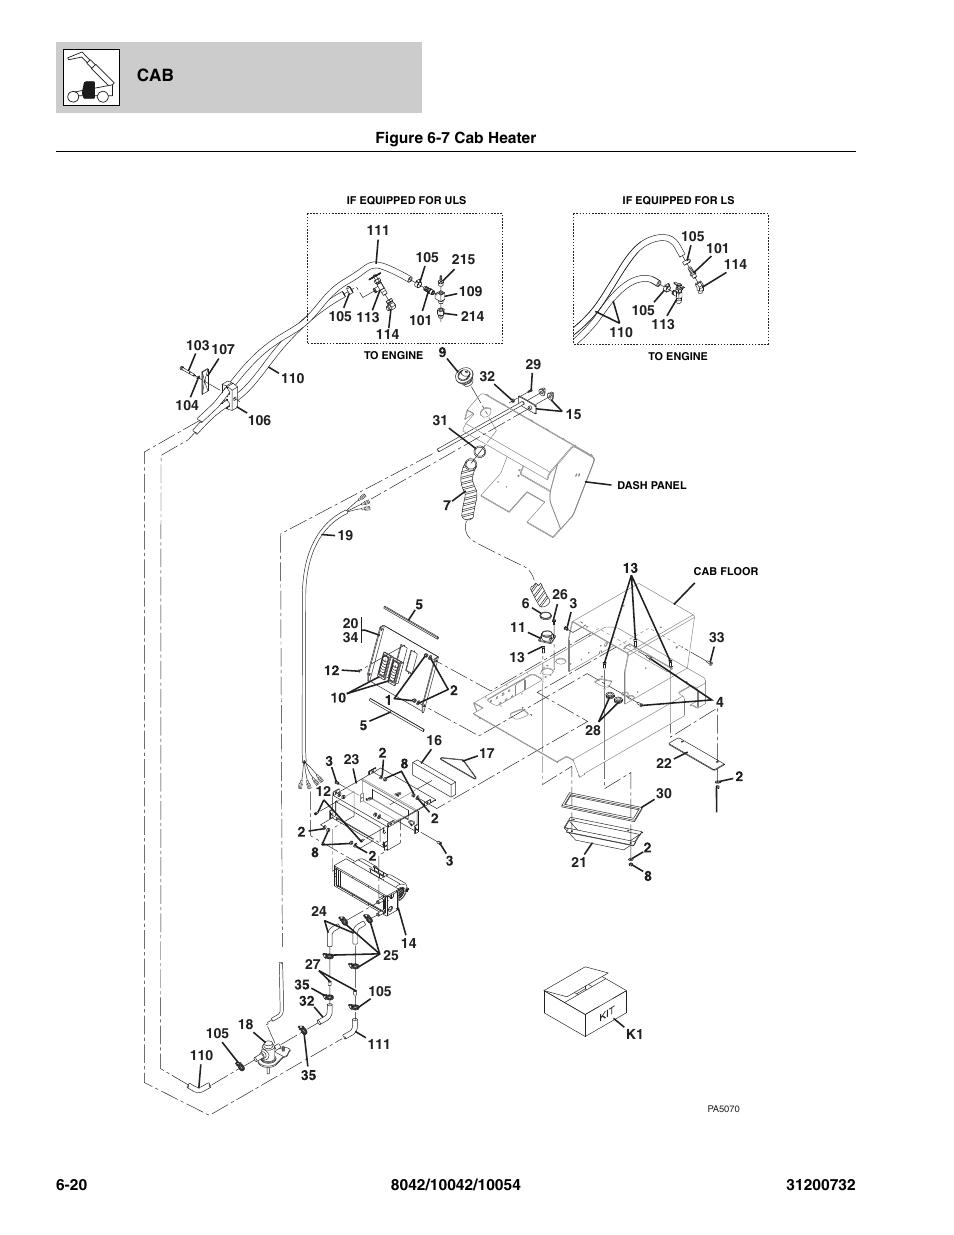 Skytrak 8042 Wiring Diagram Parts Wire Diagrams Yale Glp060 Manual Complete U2022 Steering Cylinder Rebuild Kit Figure 6